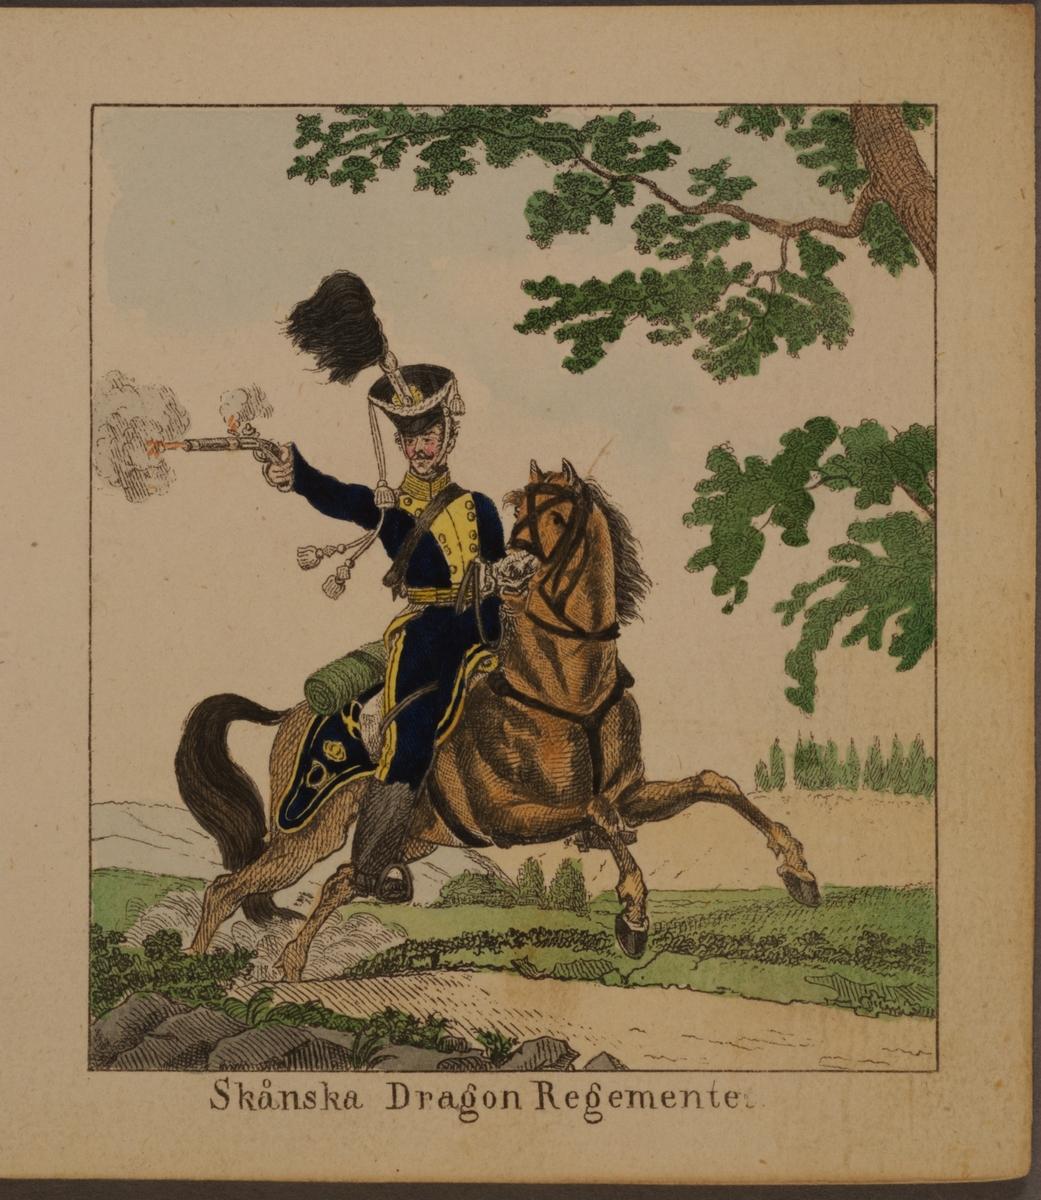 Miniatyrteckning med uniform för Skånska dragonregementet. Färgtryck i boken Miniatur-teckningar af åtskilliga swenska militair-uniformer, utgiven av Carl Theodor Löwstädt på 1820-talet.